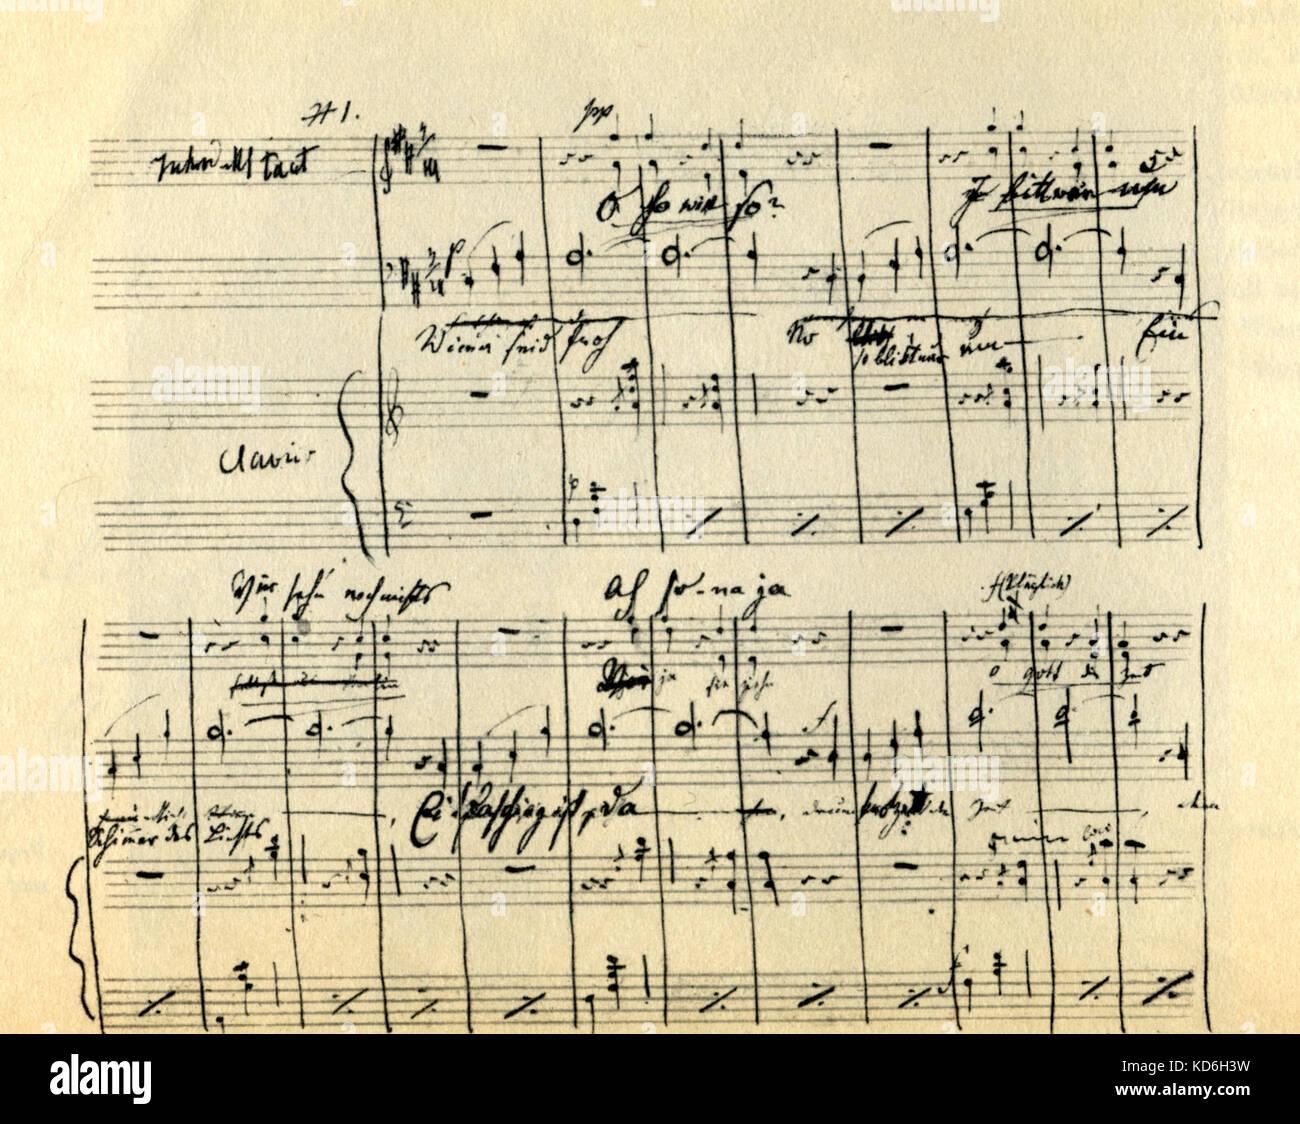 Strauss The Blue Danube (An der scho?nen blauen Donau)